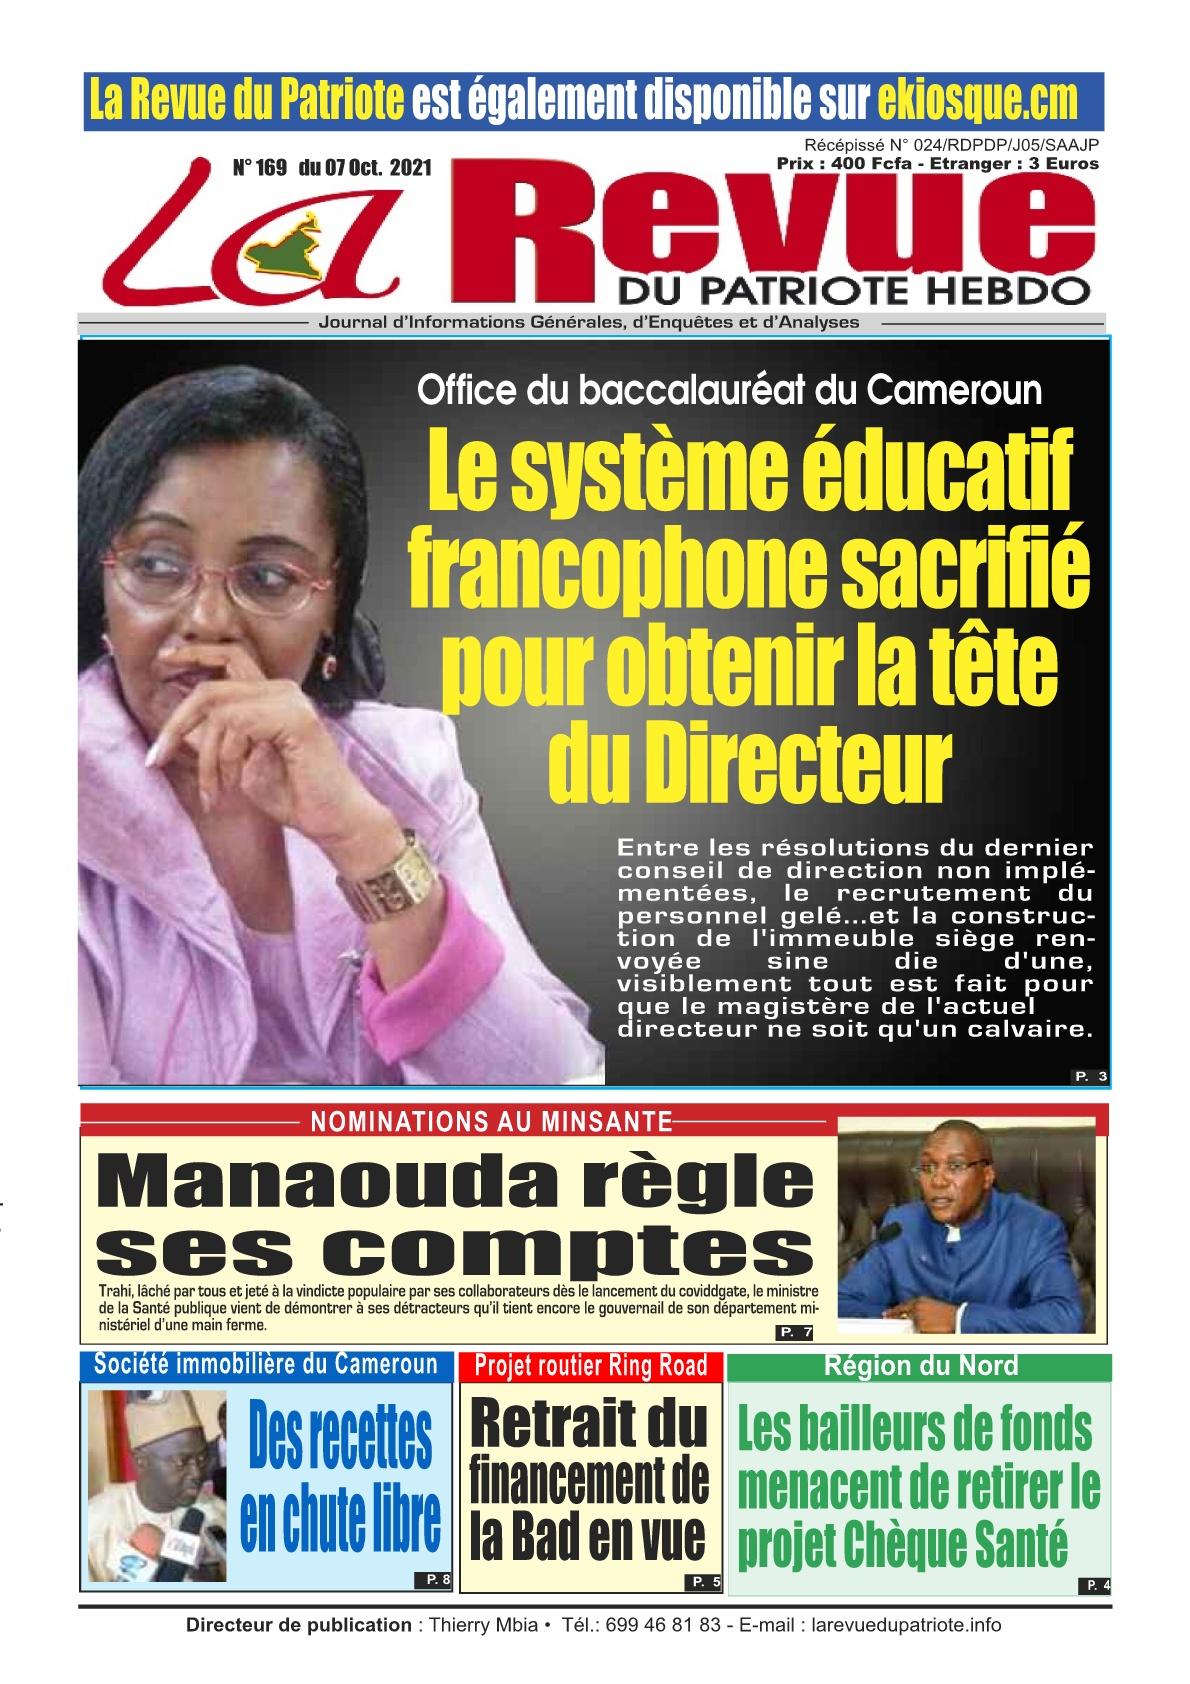 La Revue du Patriote - 07/10/2021